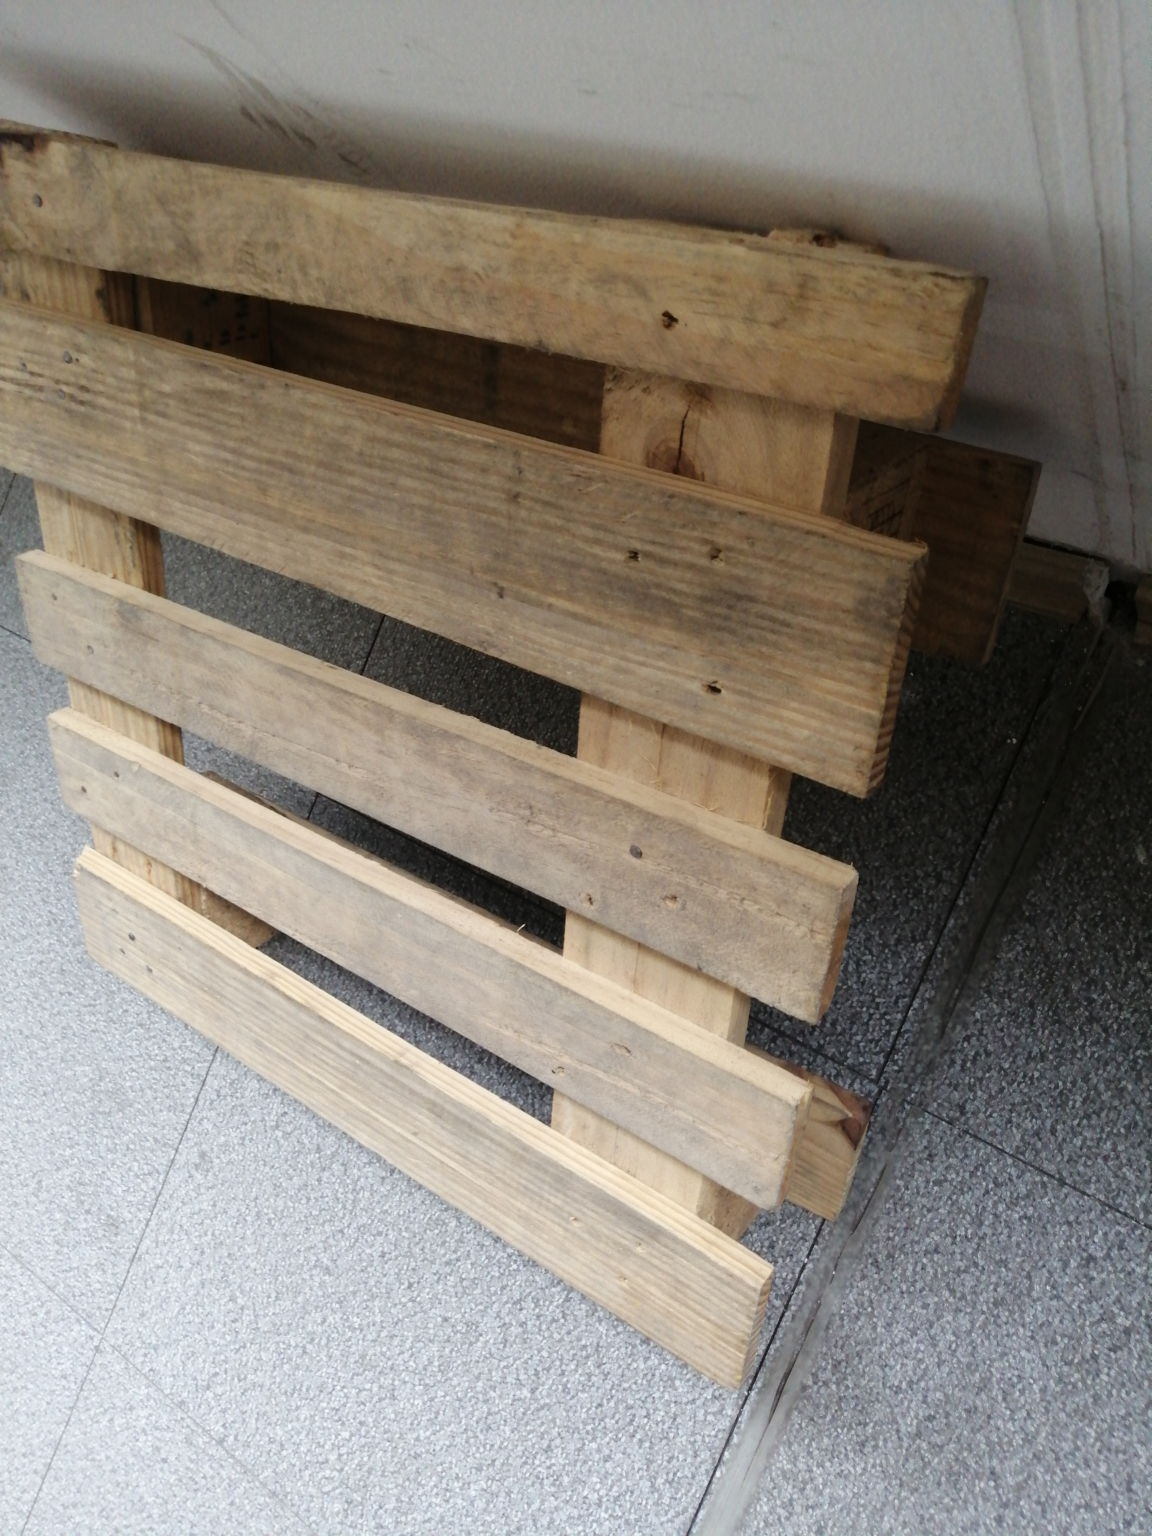 江苏销售标准木托盘 - 批发厂家